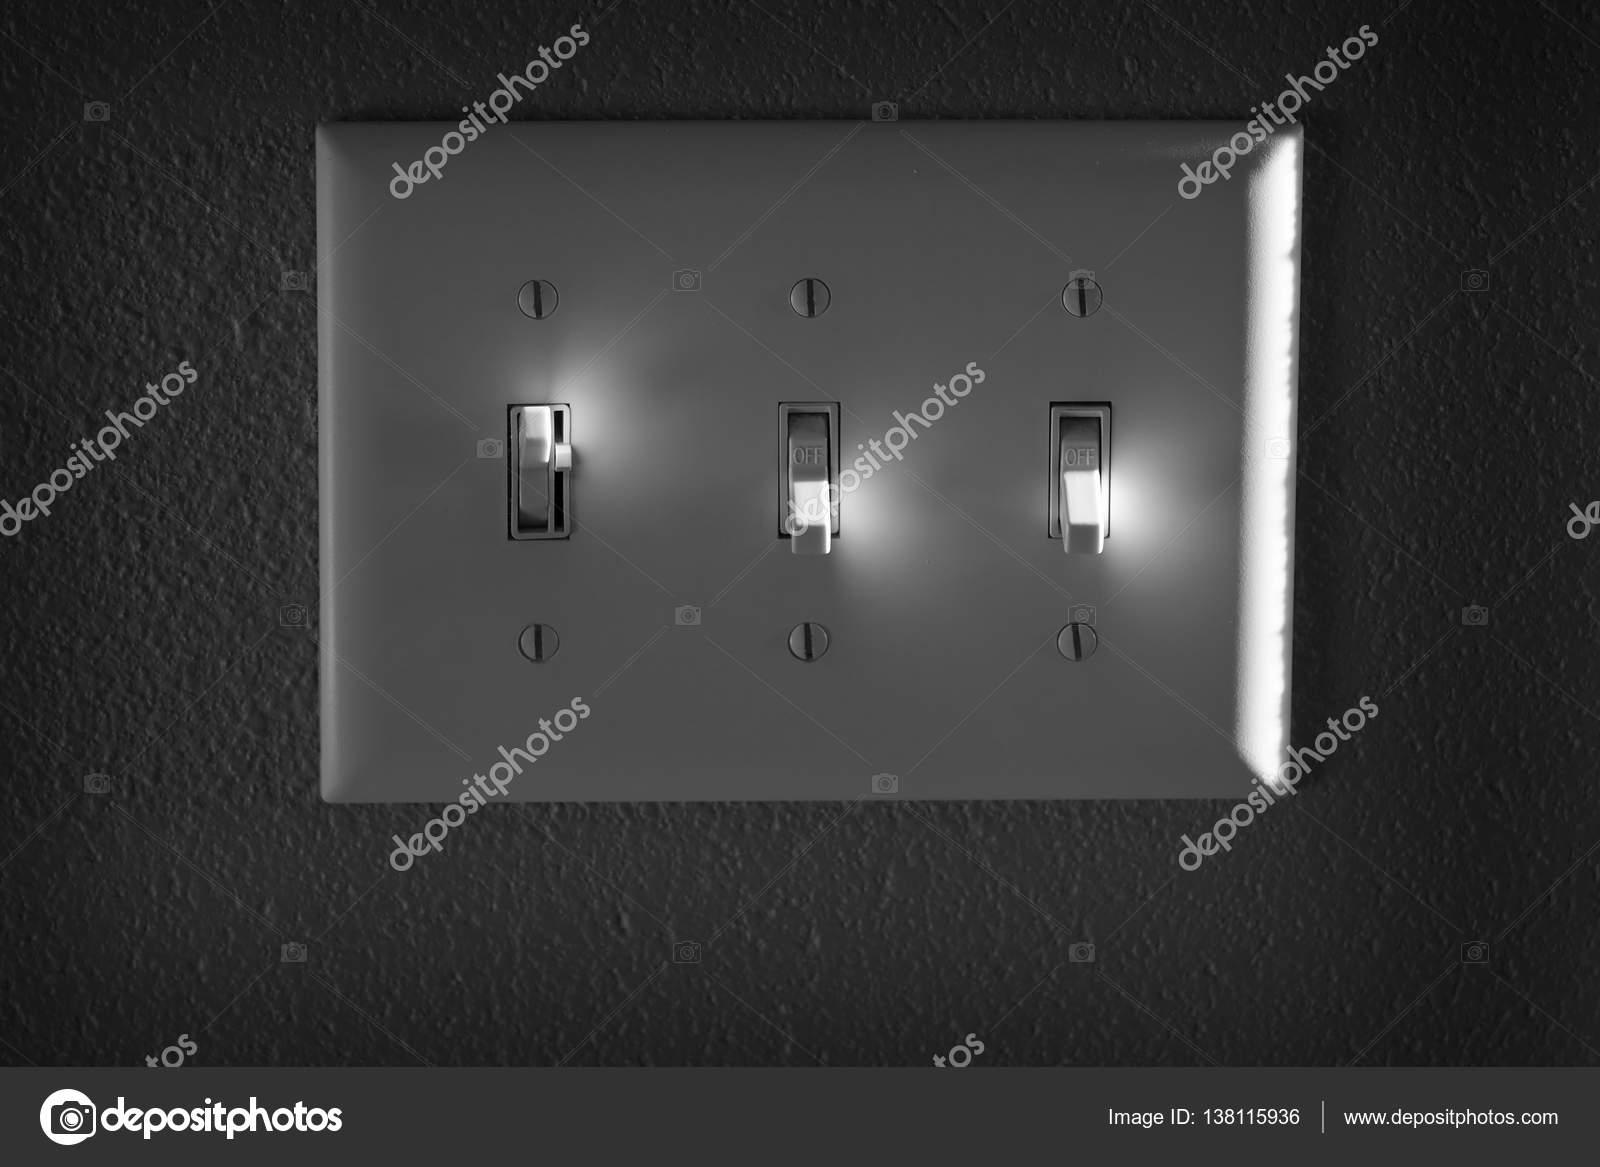 Licht oder Power-Schalter auf Wand Highlights ein- und ausschalten ...